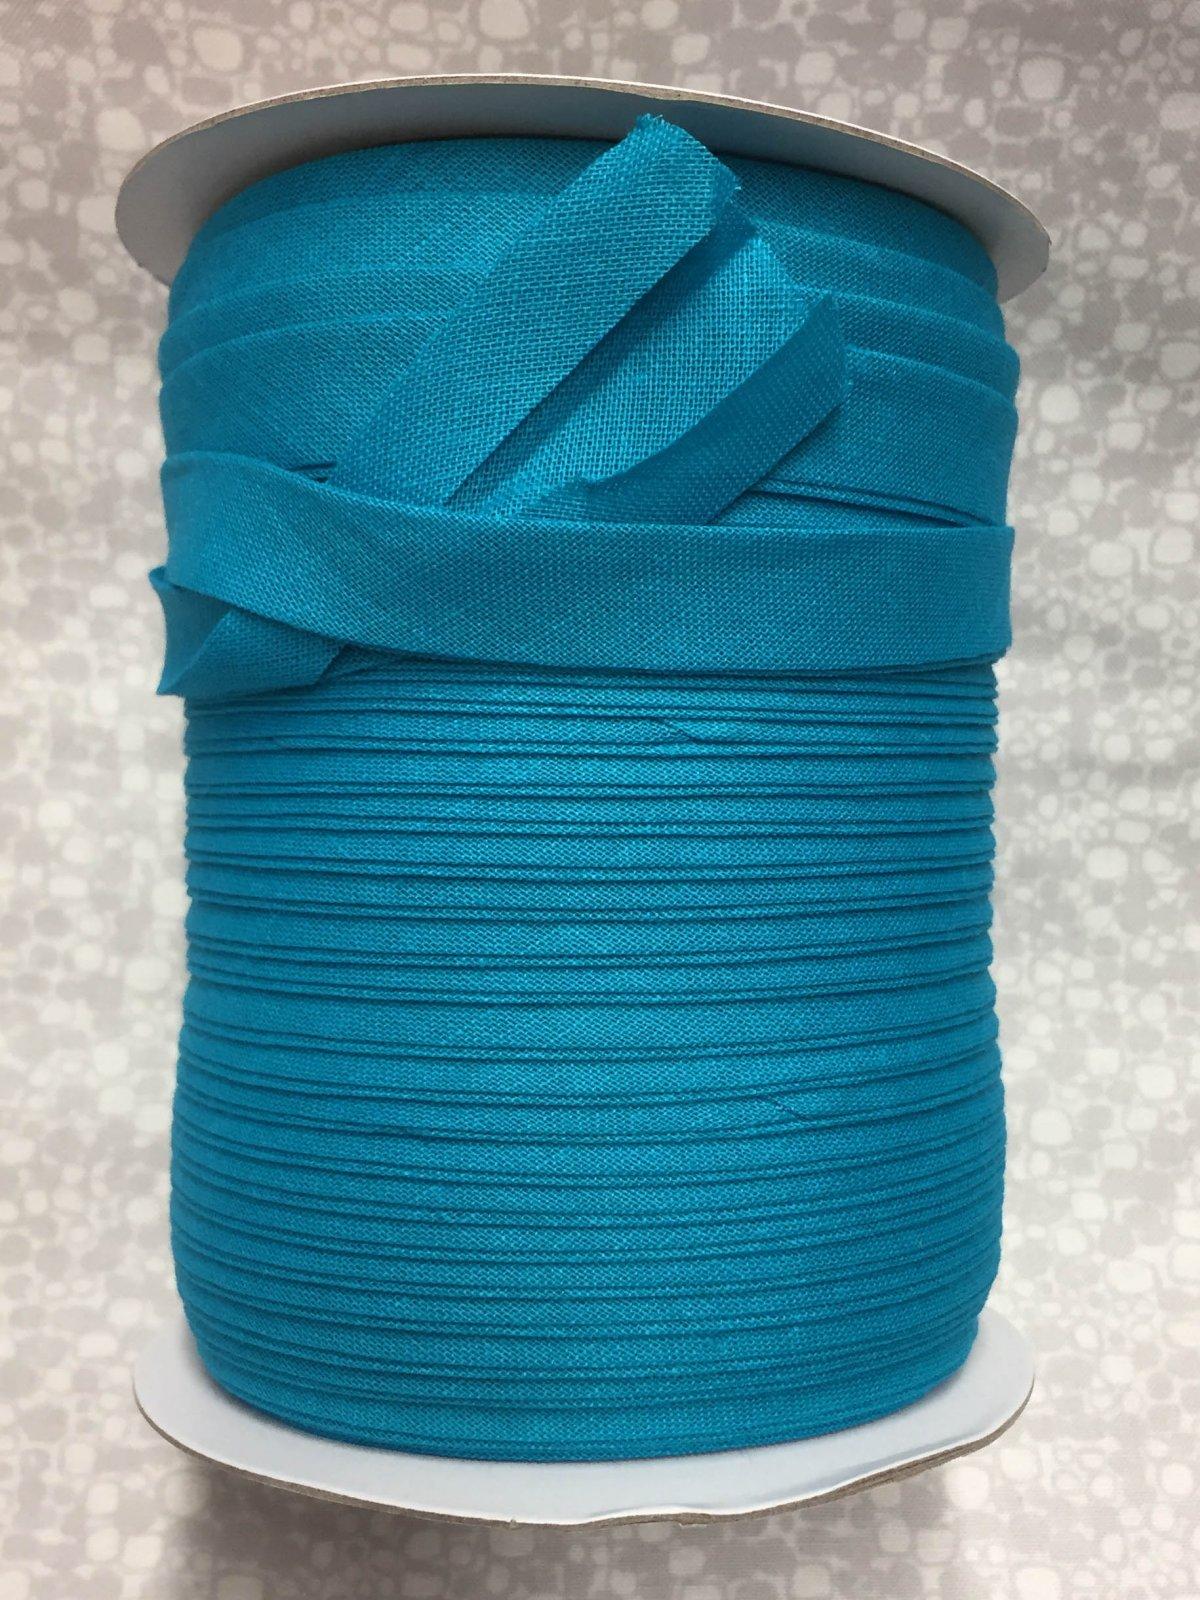 1/2 Finish Double Fold Economy Bias Binding, 10yd - Turquoise